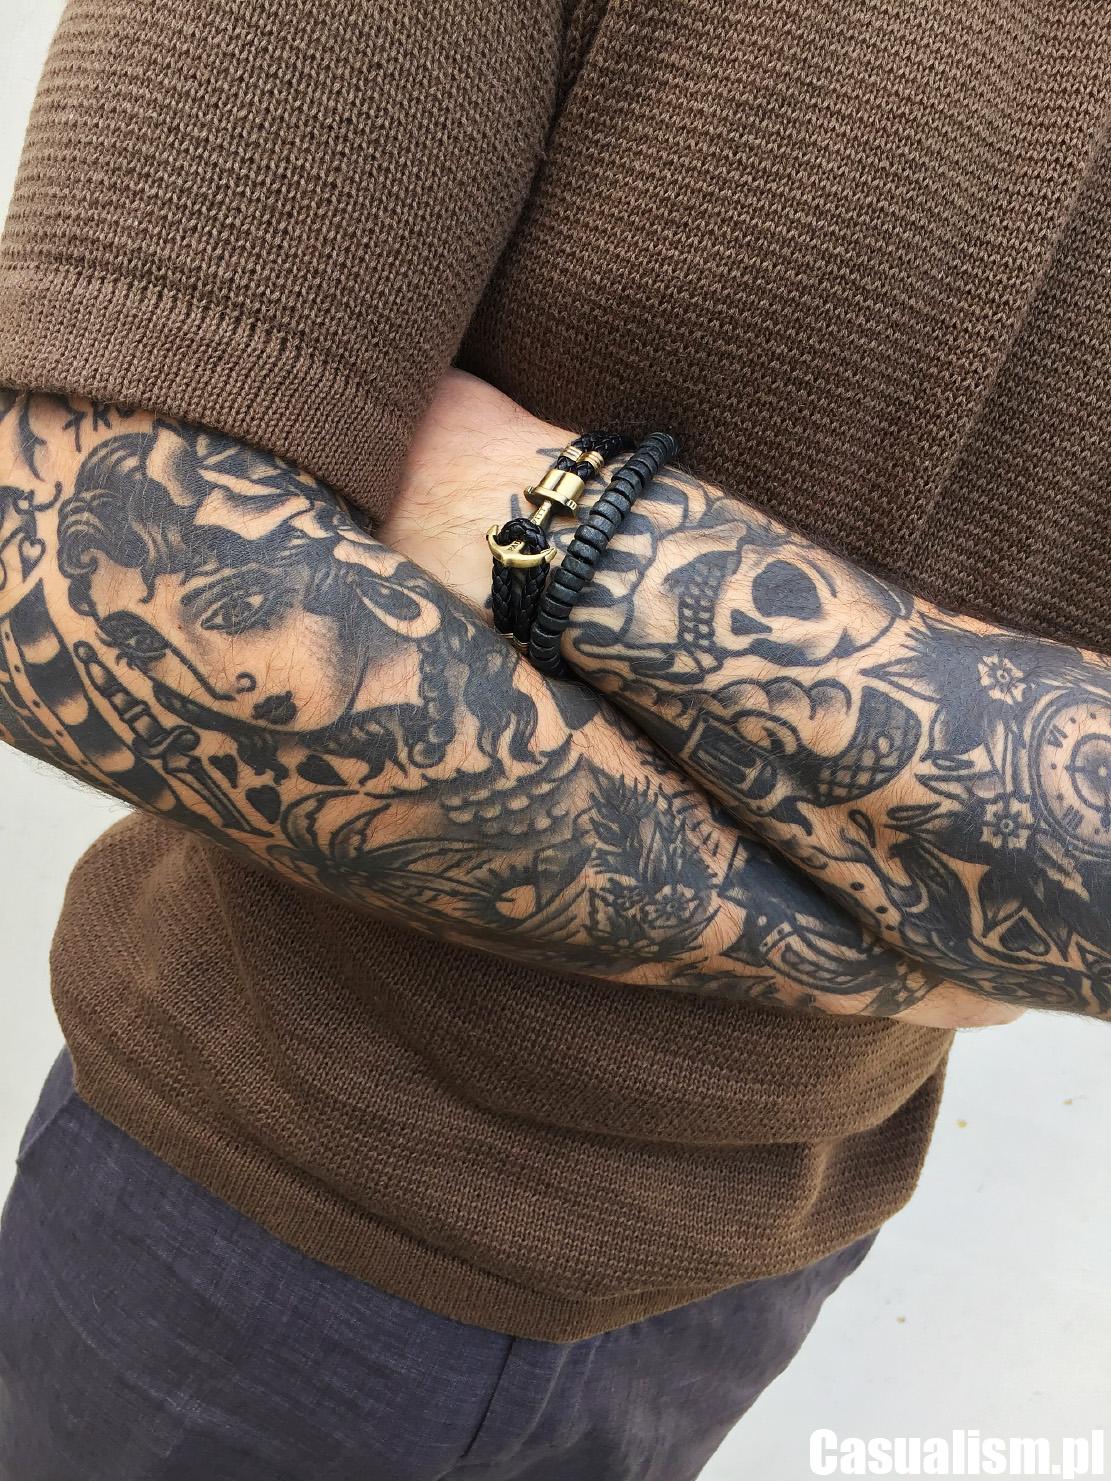 Tatuaże rękawy, rękaw tatuaż, tatuaż rękaw, rękawy męskie, tatuaże rękawy tradycyjne, tatuaż tradycyjny, styl tradycyjny